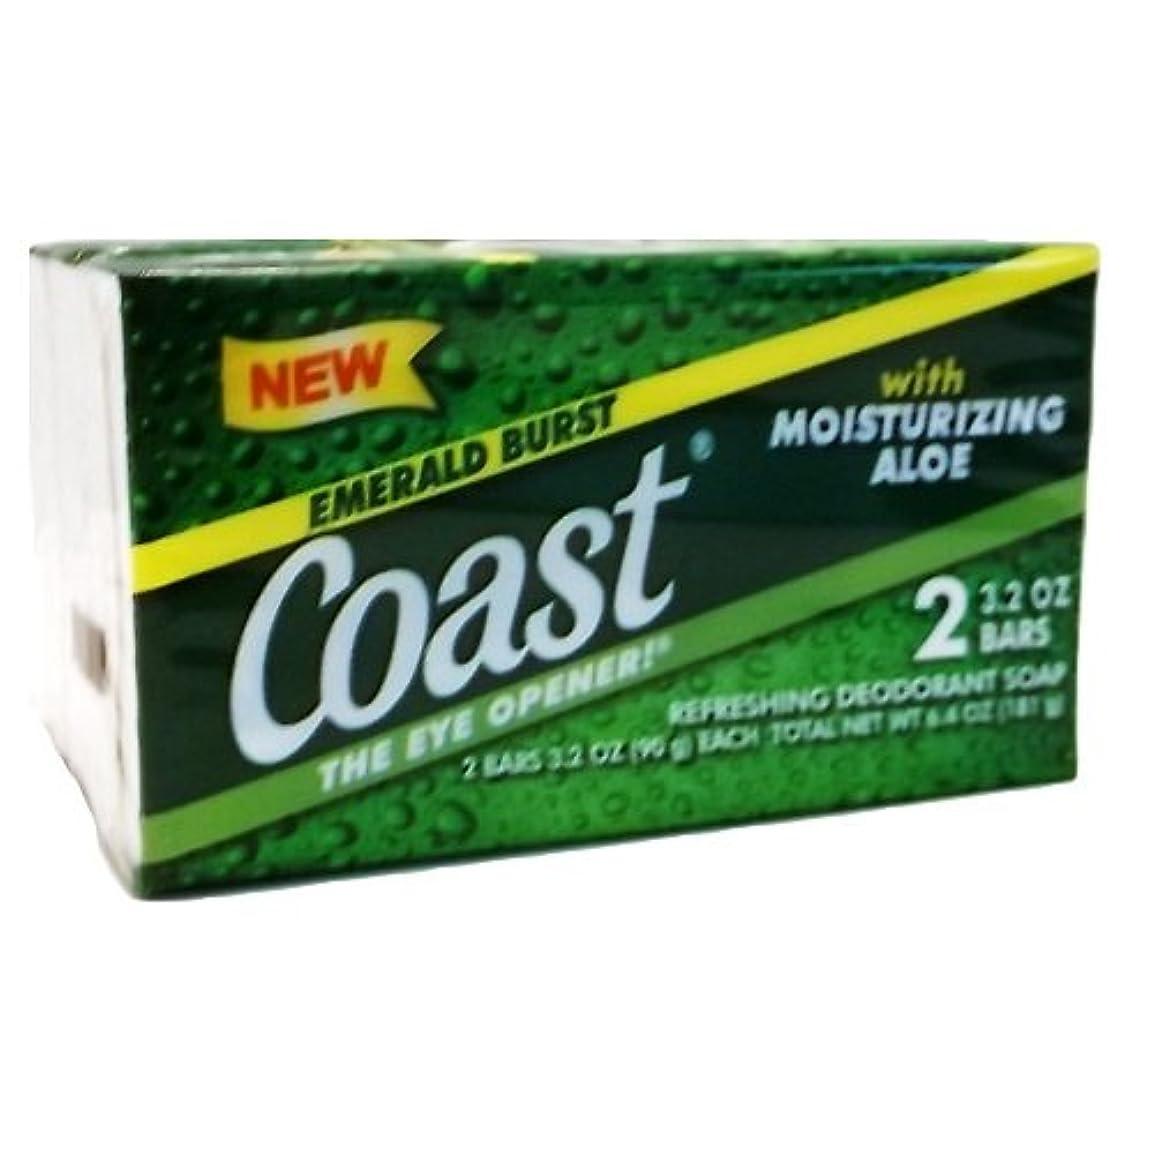 純粋な蒸発するマージコースト(Coast) 石けんエメラルドバースト2個入り×24パック(48個)